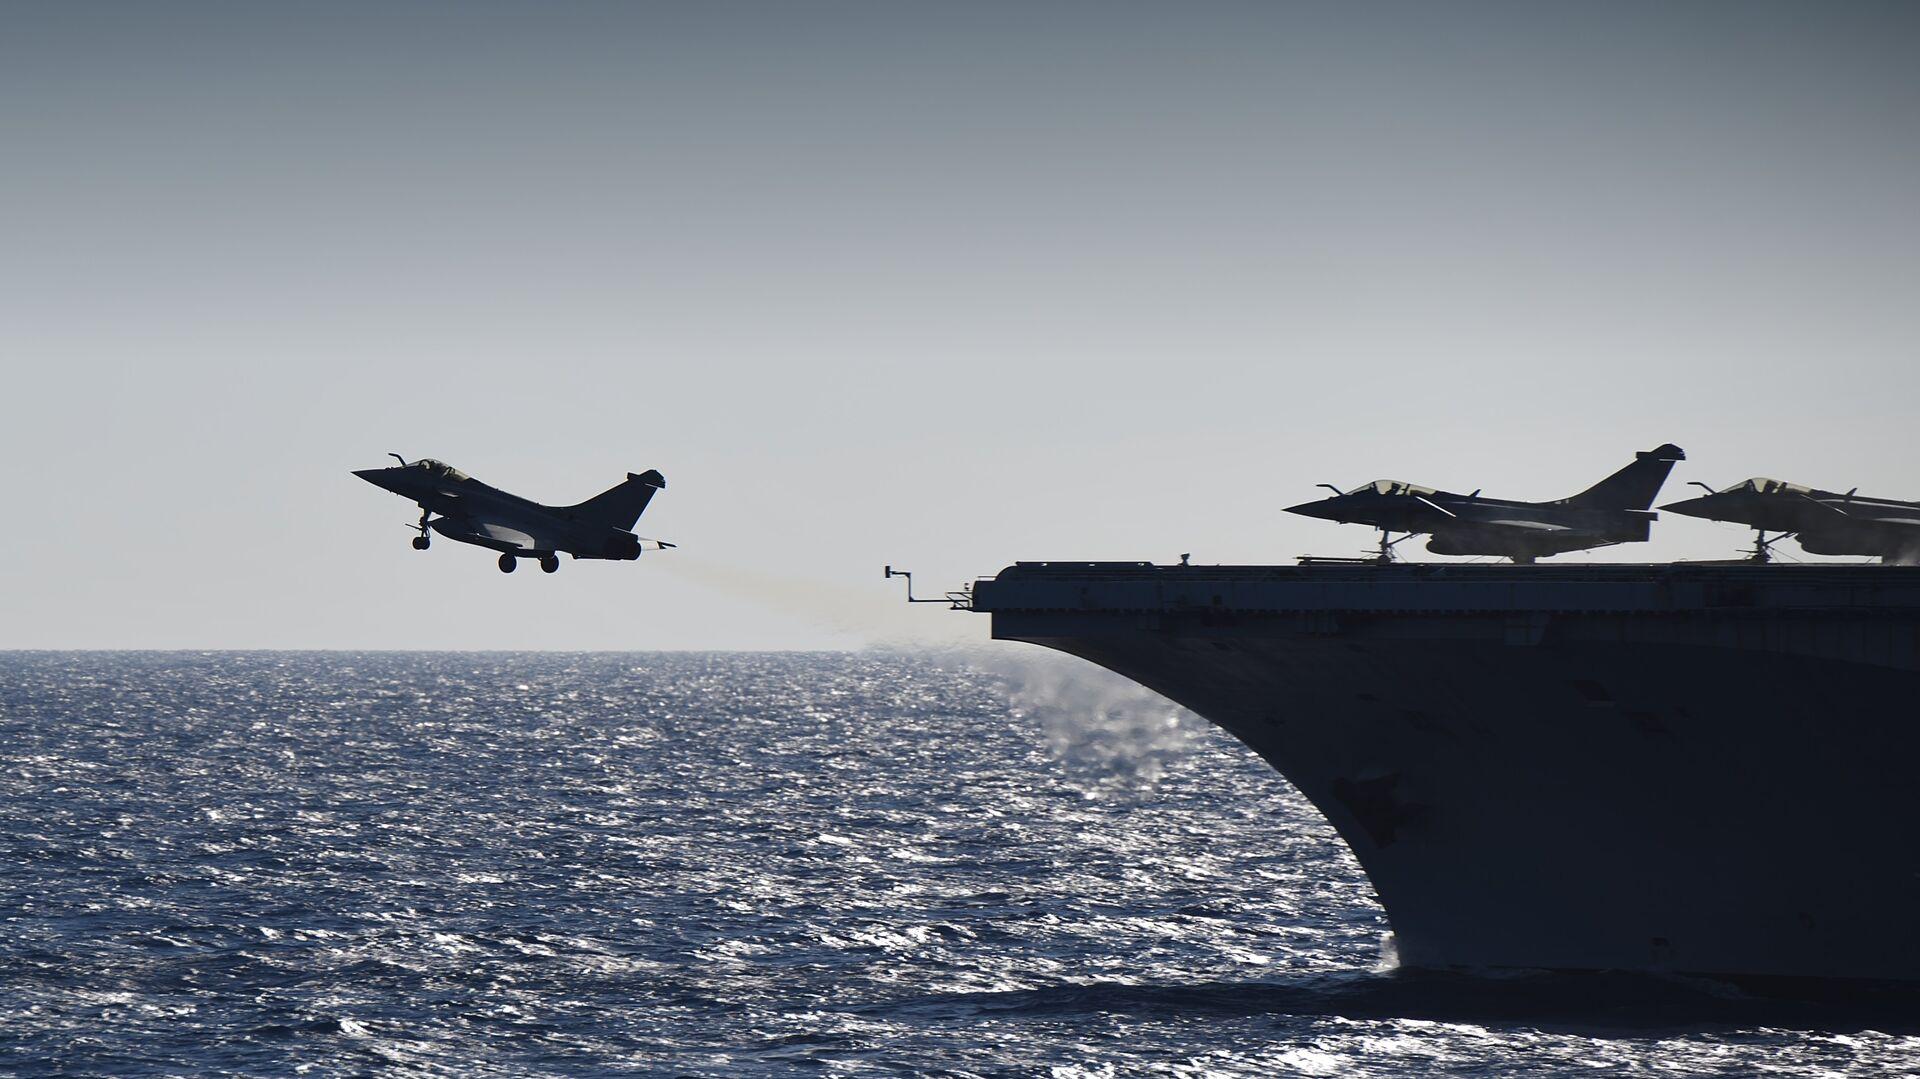 Истребители Rafale взлетают с палубы французского авианосца Шарль де Голль в Средиземном море. 29 сентября 2016 - РИА Новости, 1920, 06.05.2021